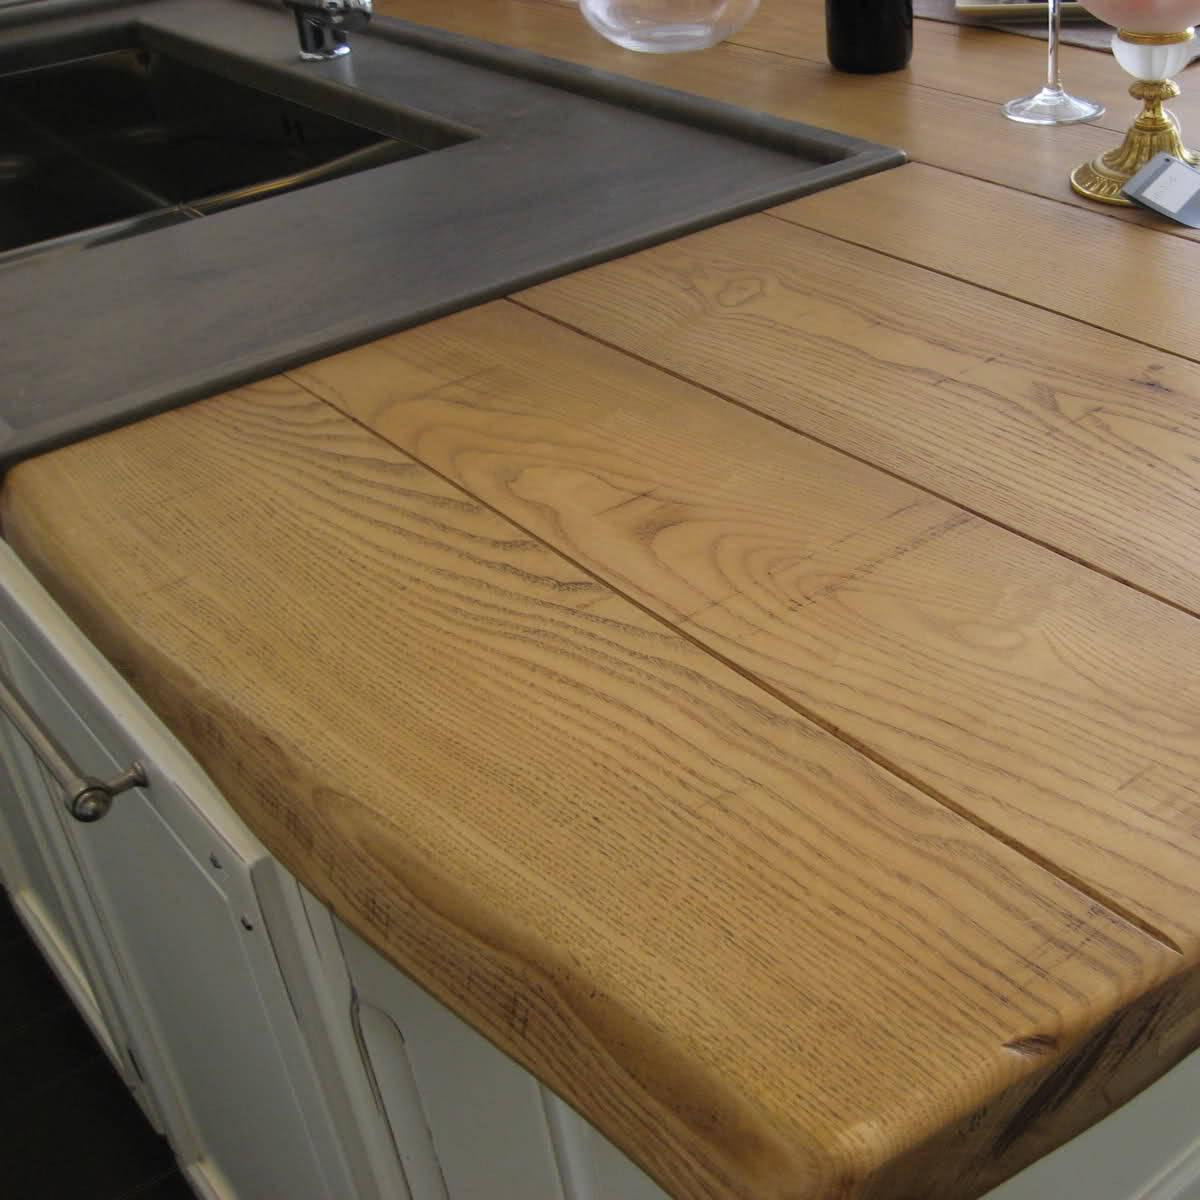 piano-lavoro-cucina-in-legno-001 - Questioni di Arredamento